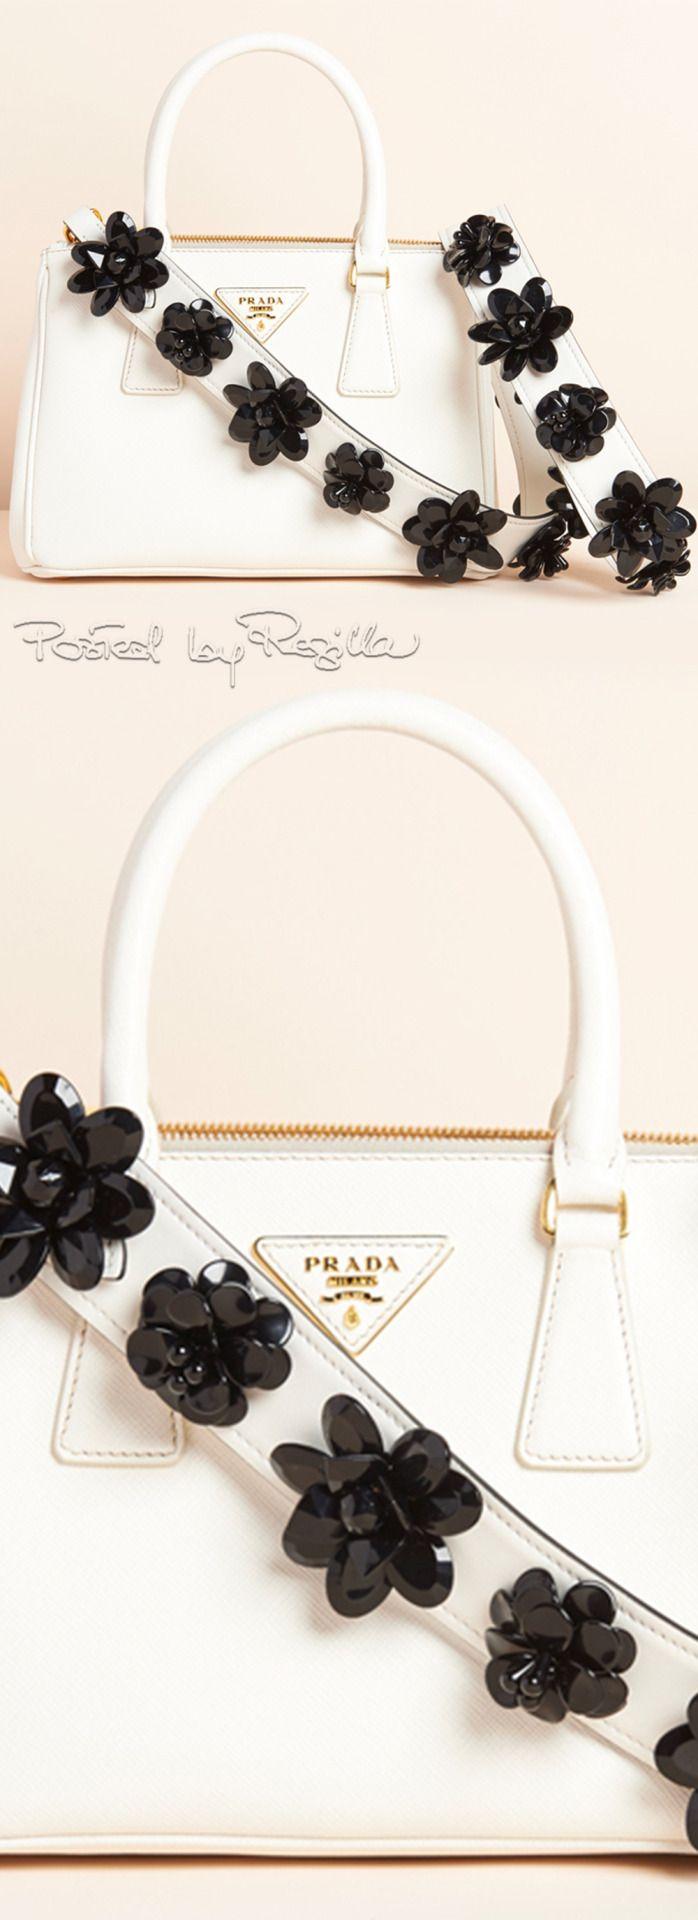 Regilla ⚜ Prada